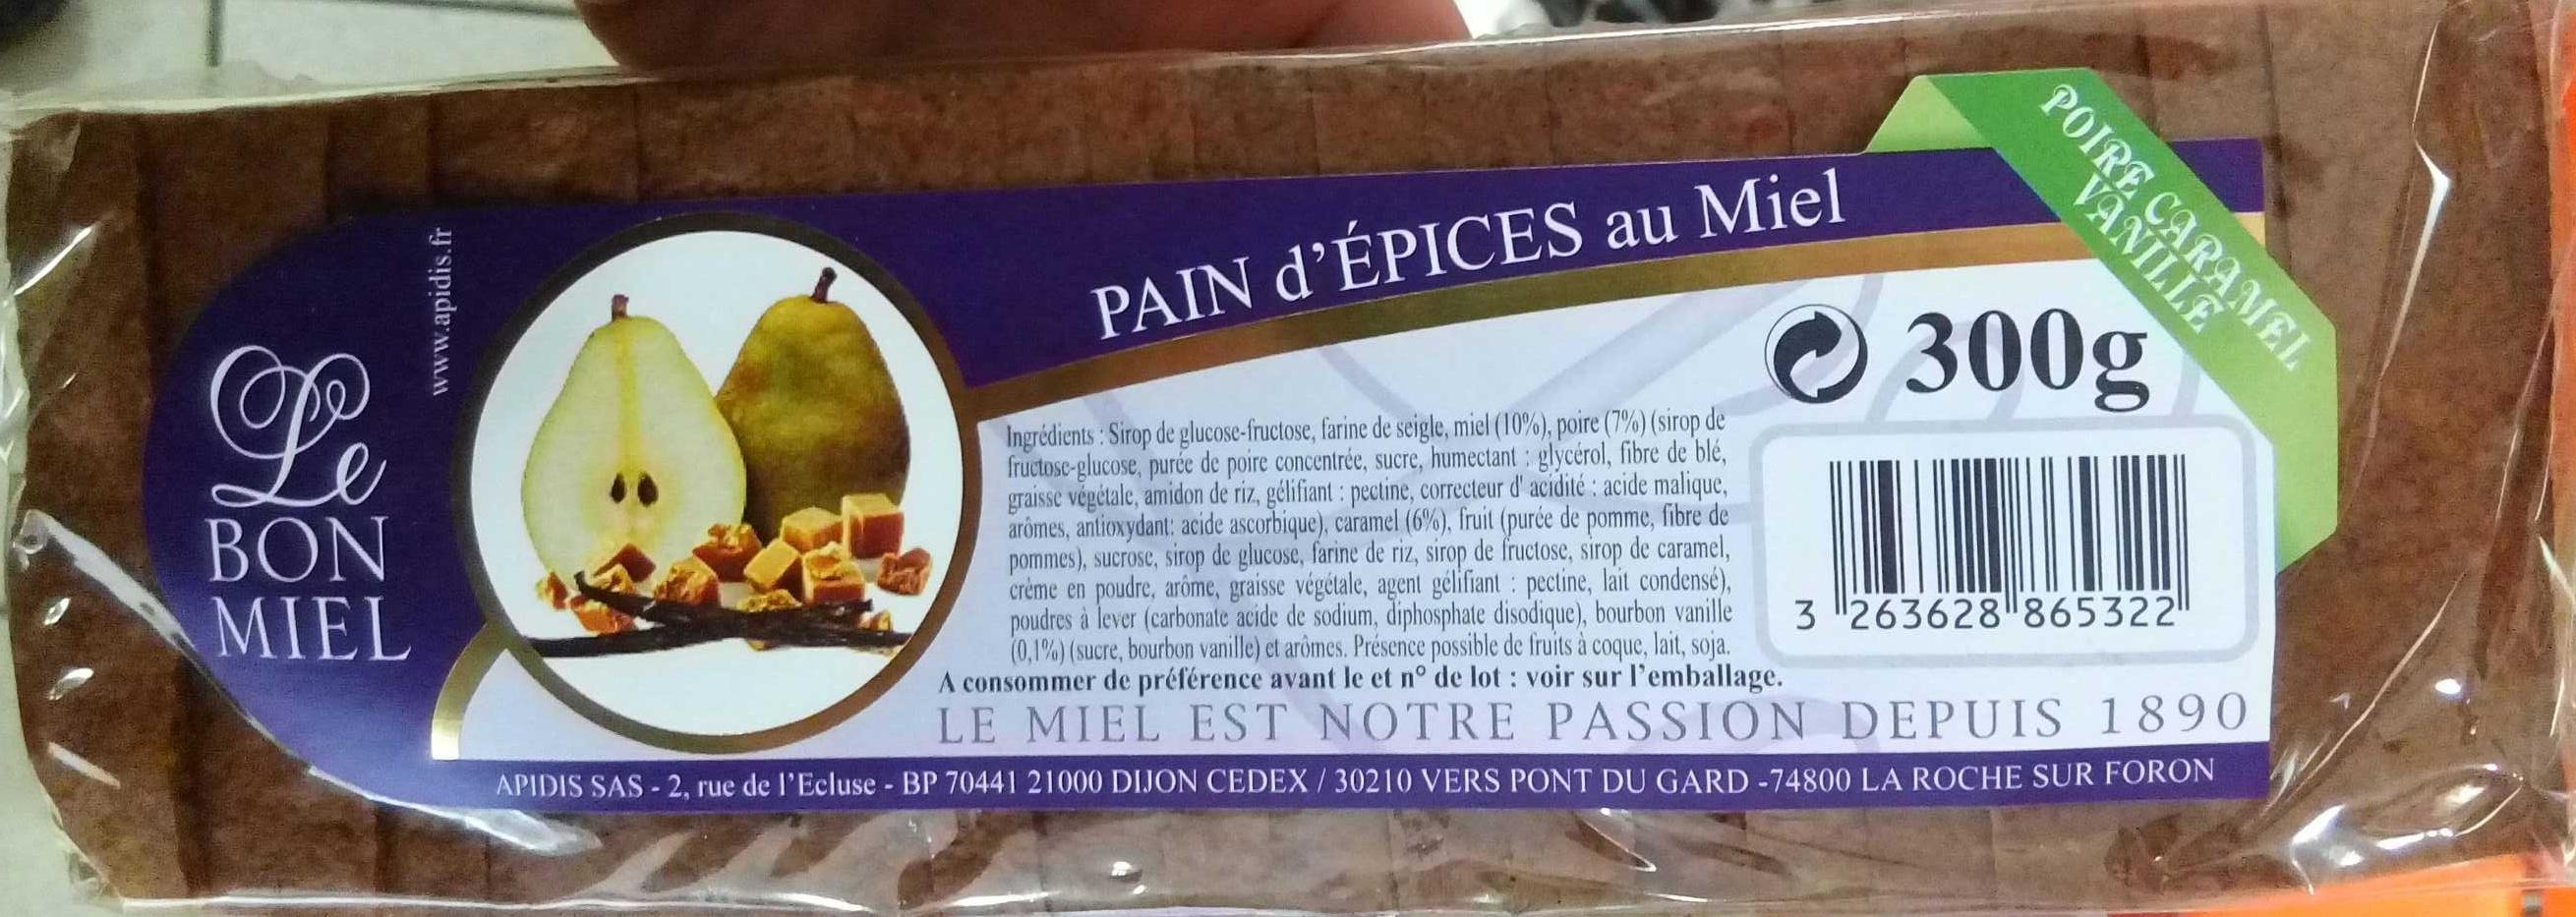 Pain d'épices au miel poire caramel vanille - Product